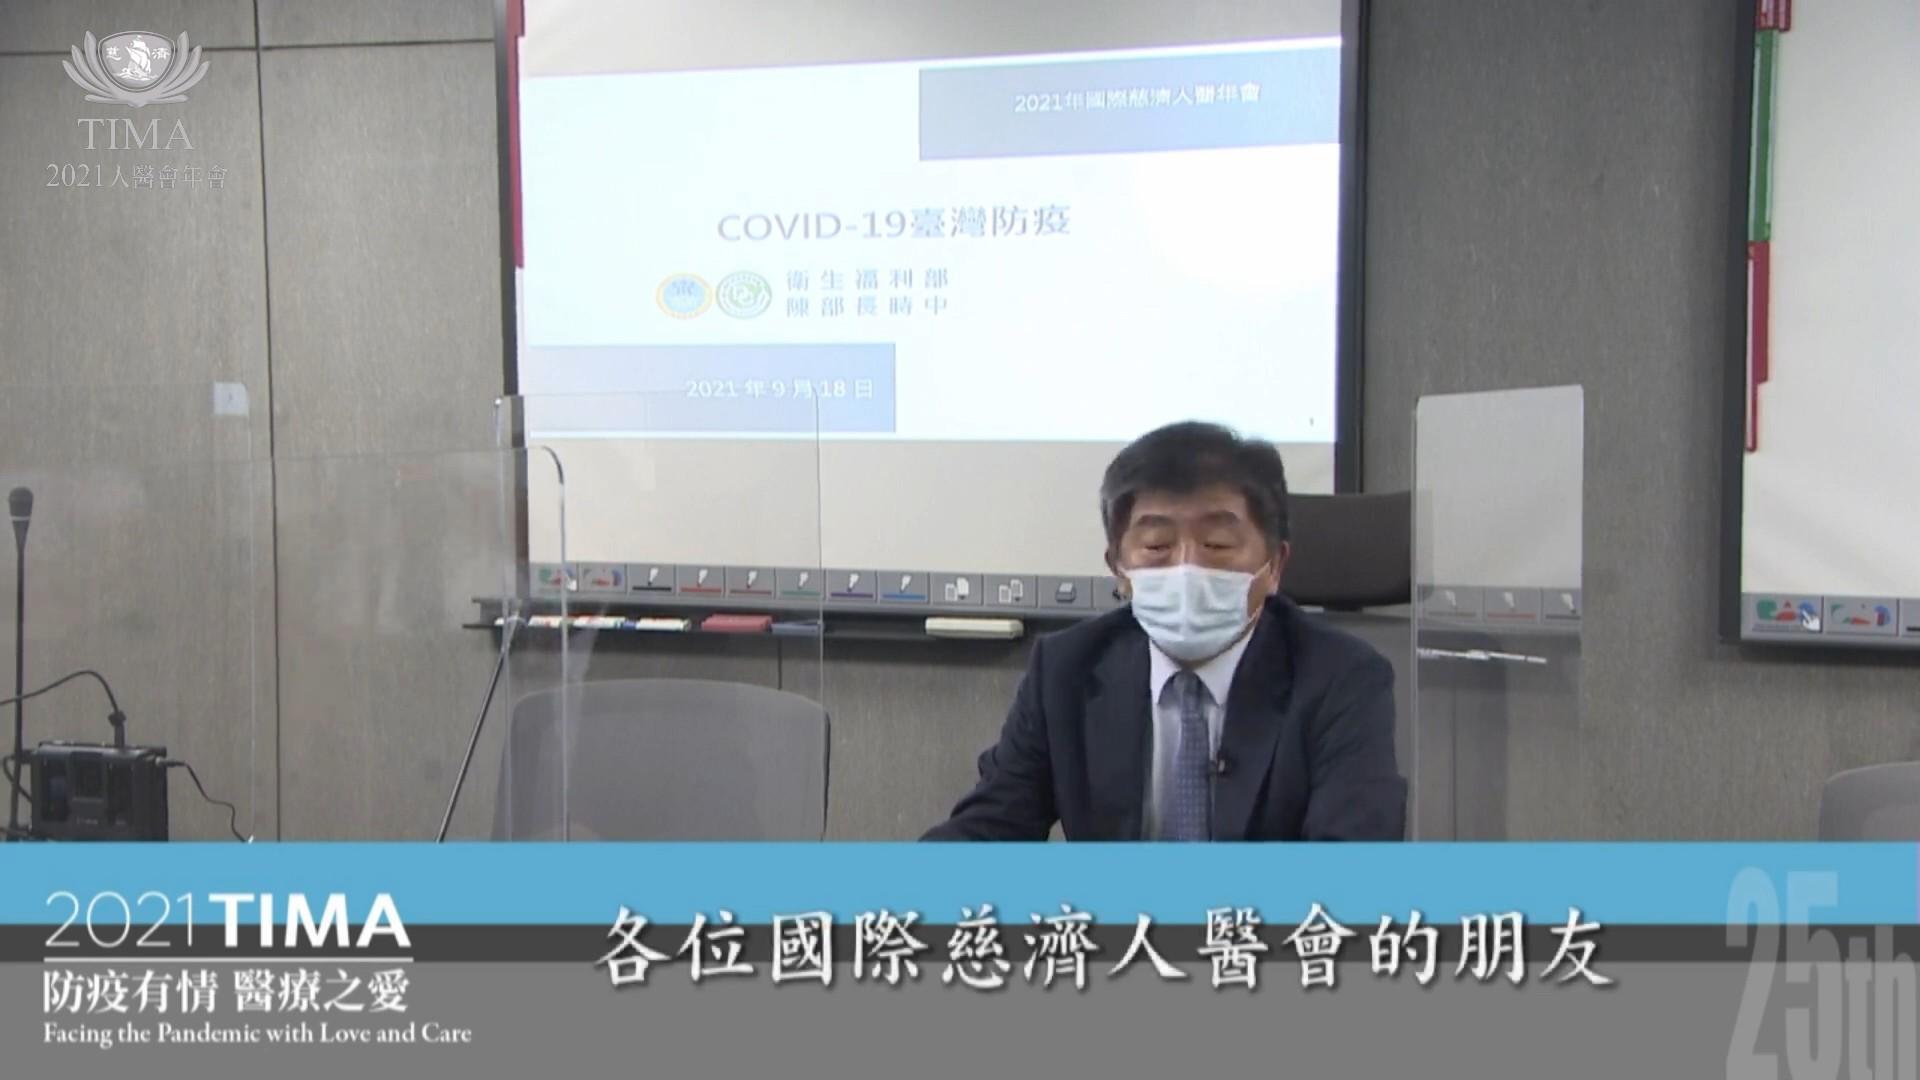 衛福部長陳時中以「臺灣防疫」為題,分享防疫政策或指標個案,回顧這段艱辛歲月。